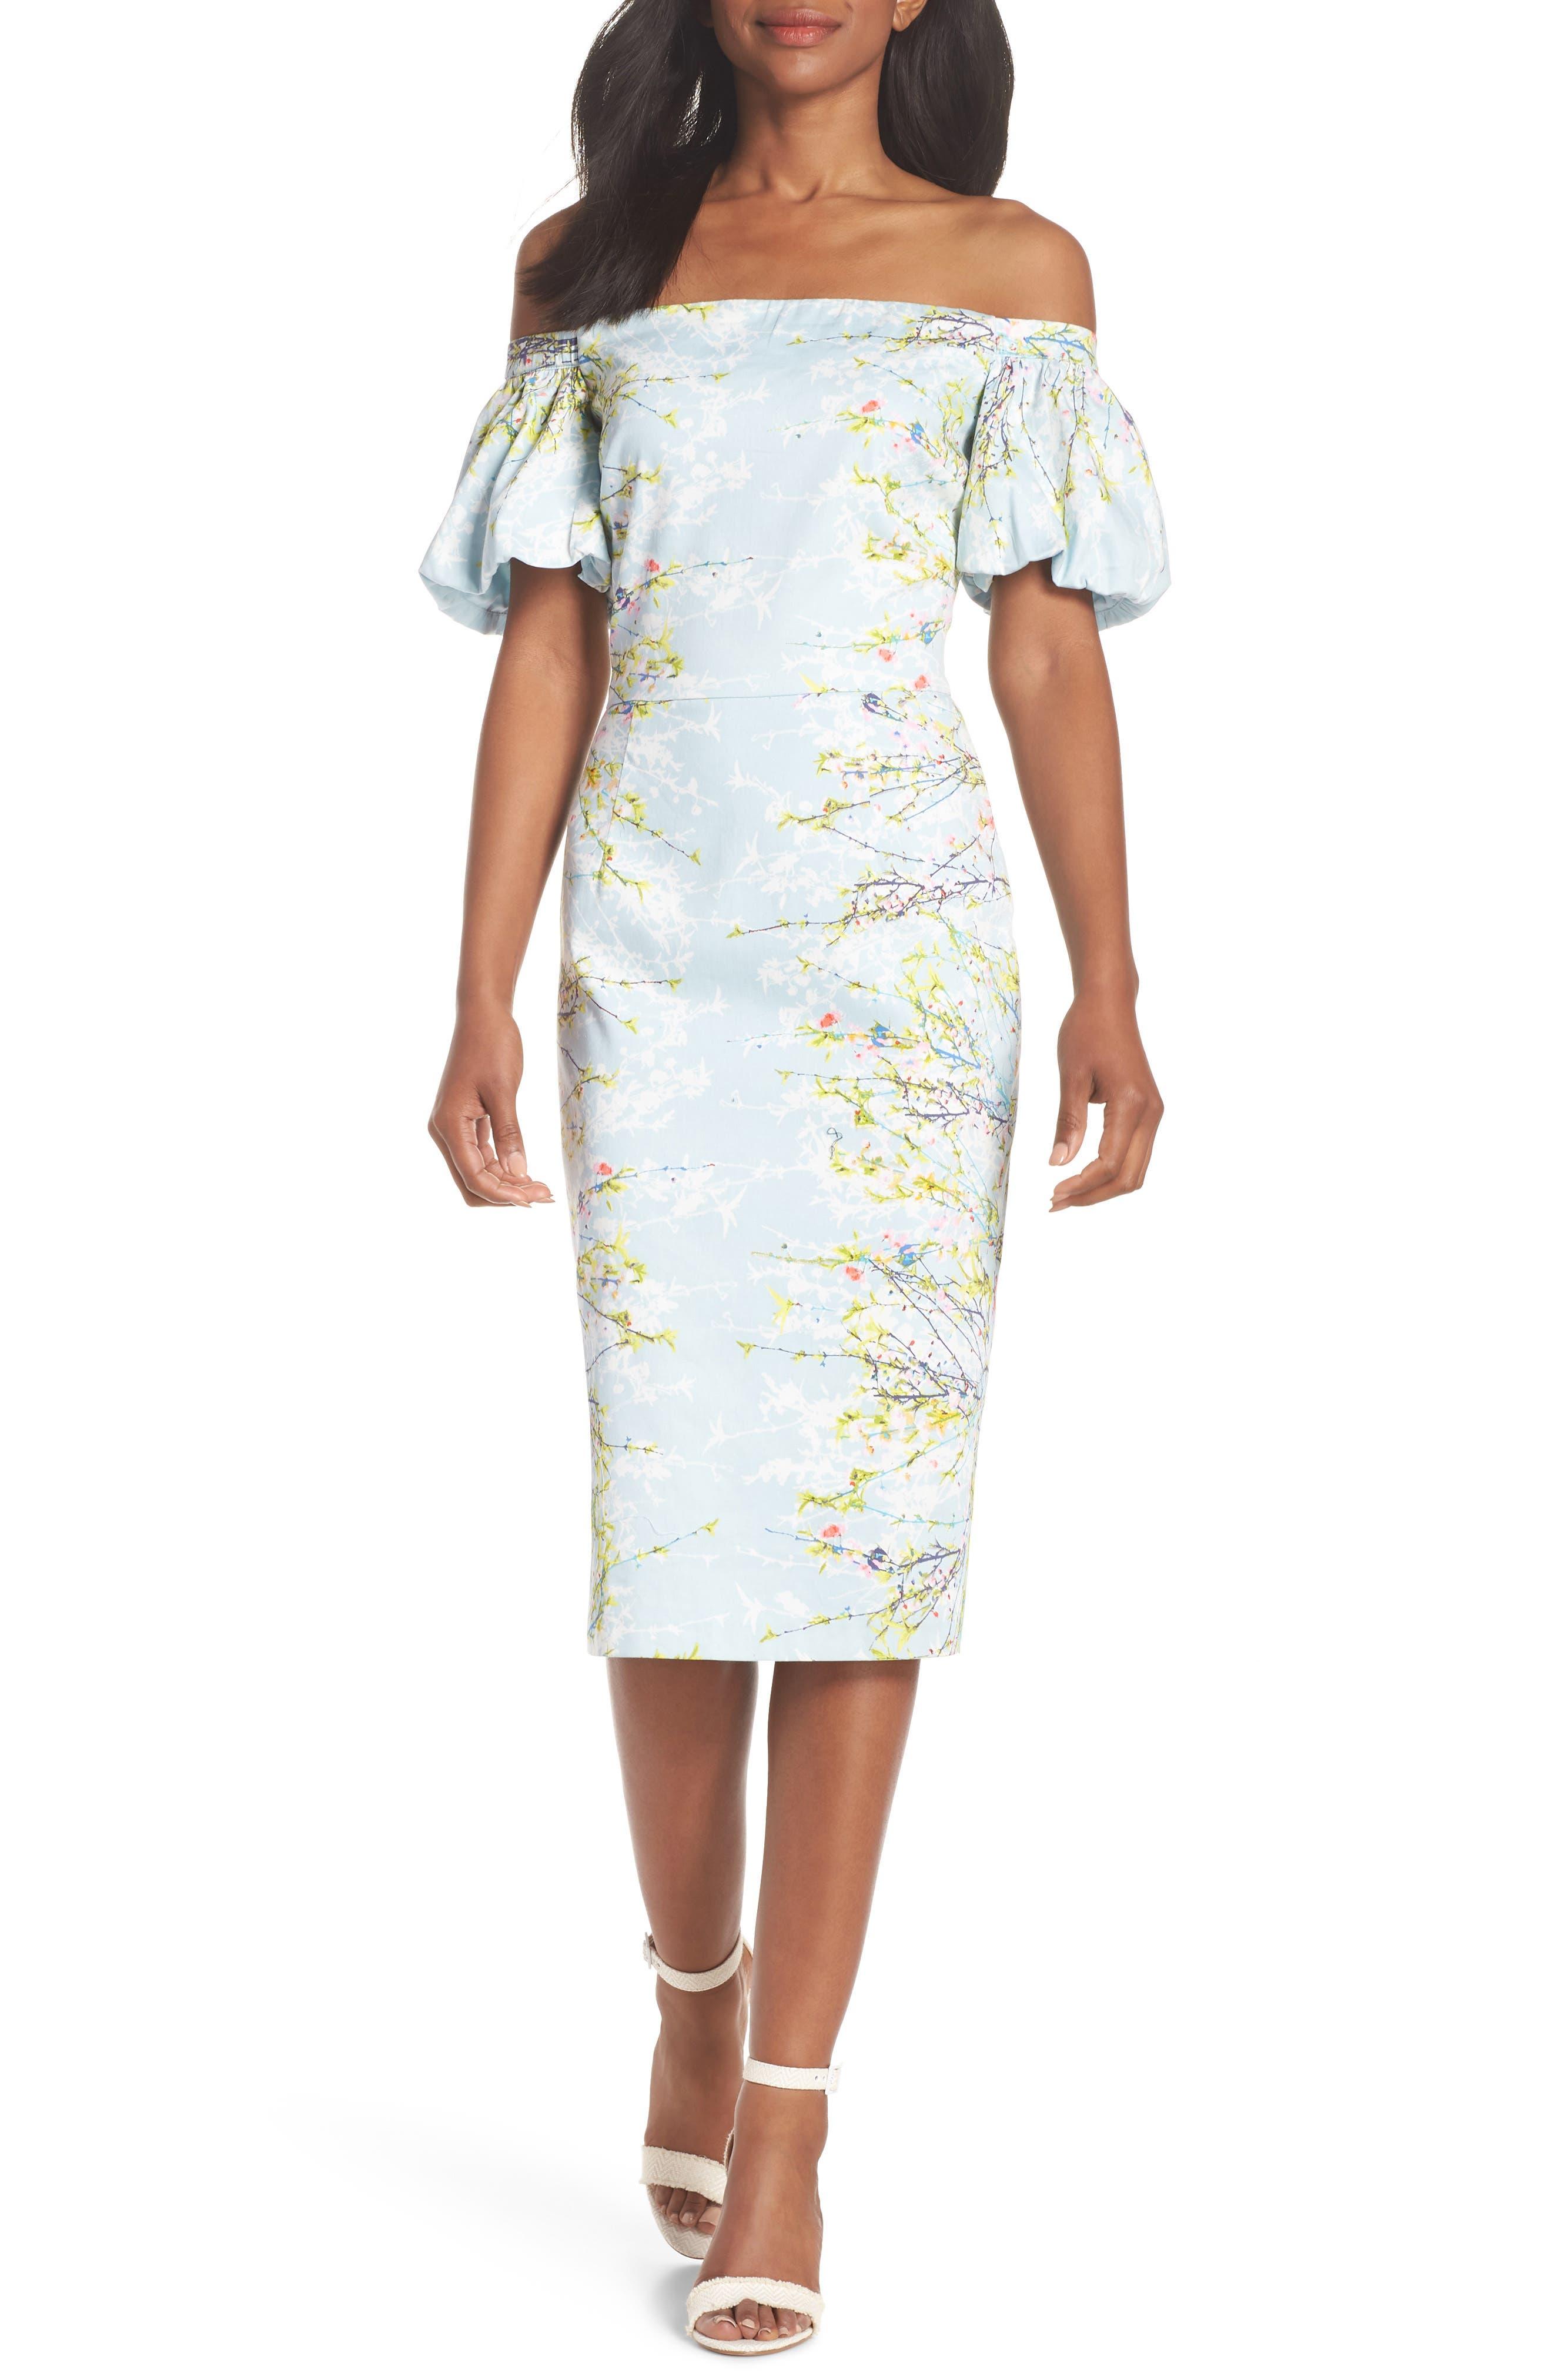 Blossom Off the Shoulder Sheath Dress,                         Main,                         color, Baby Blue/ Aqua Multi